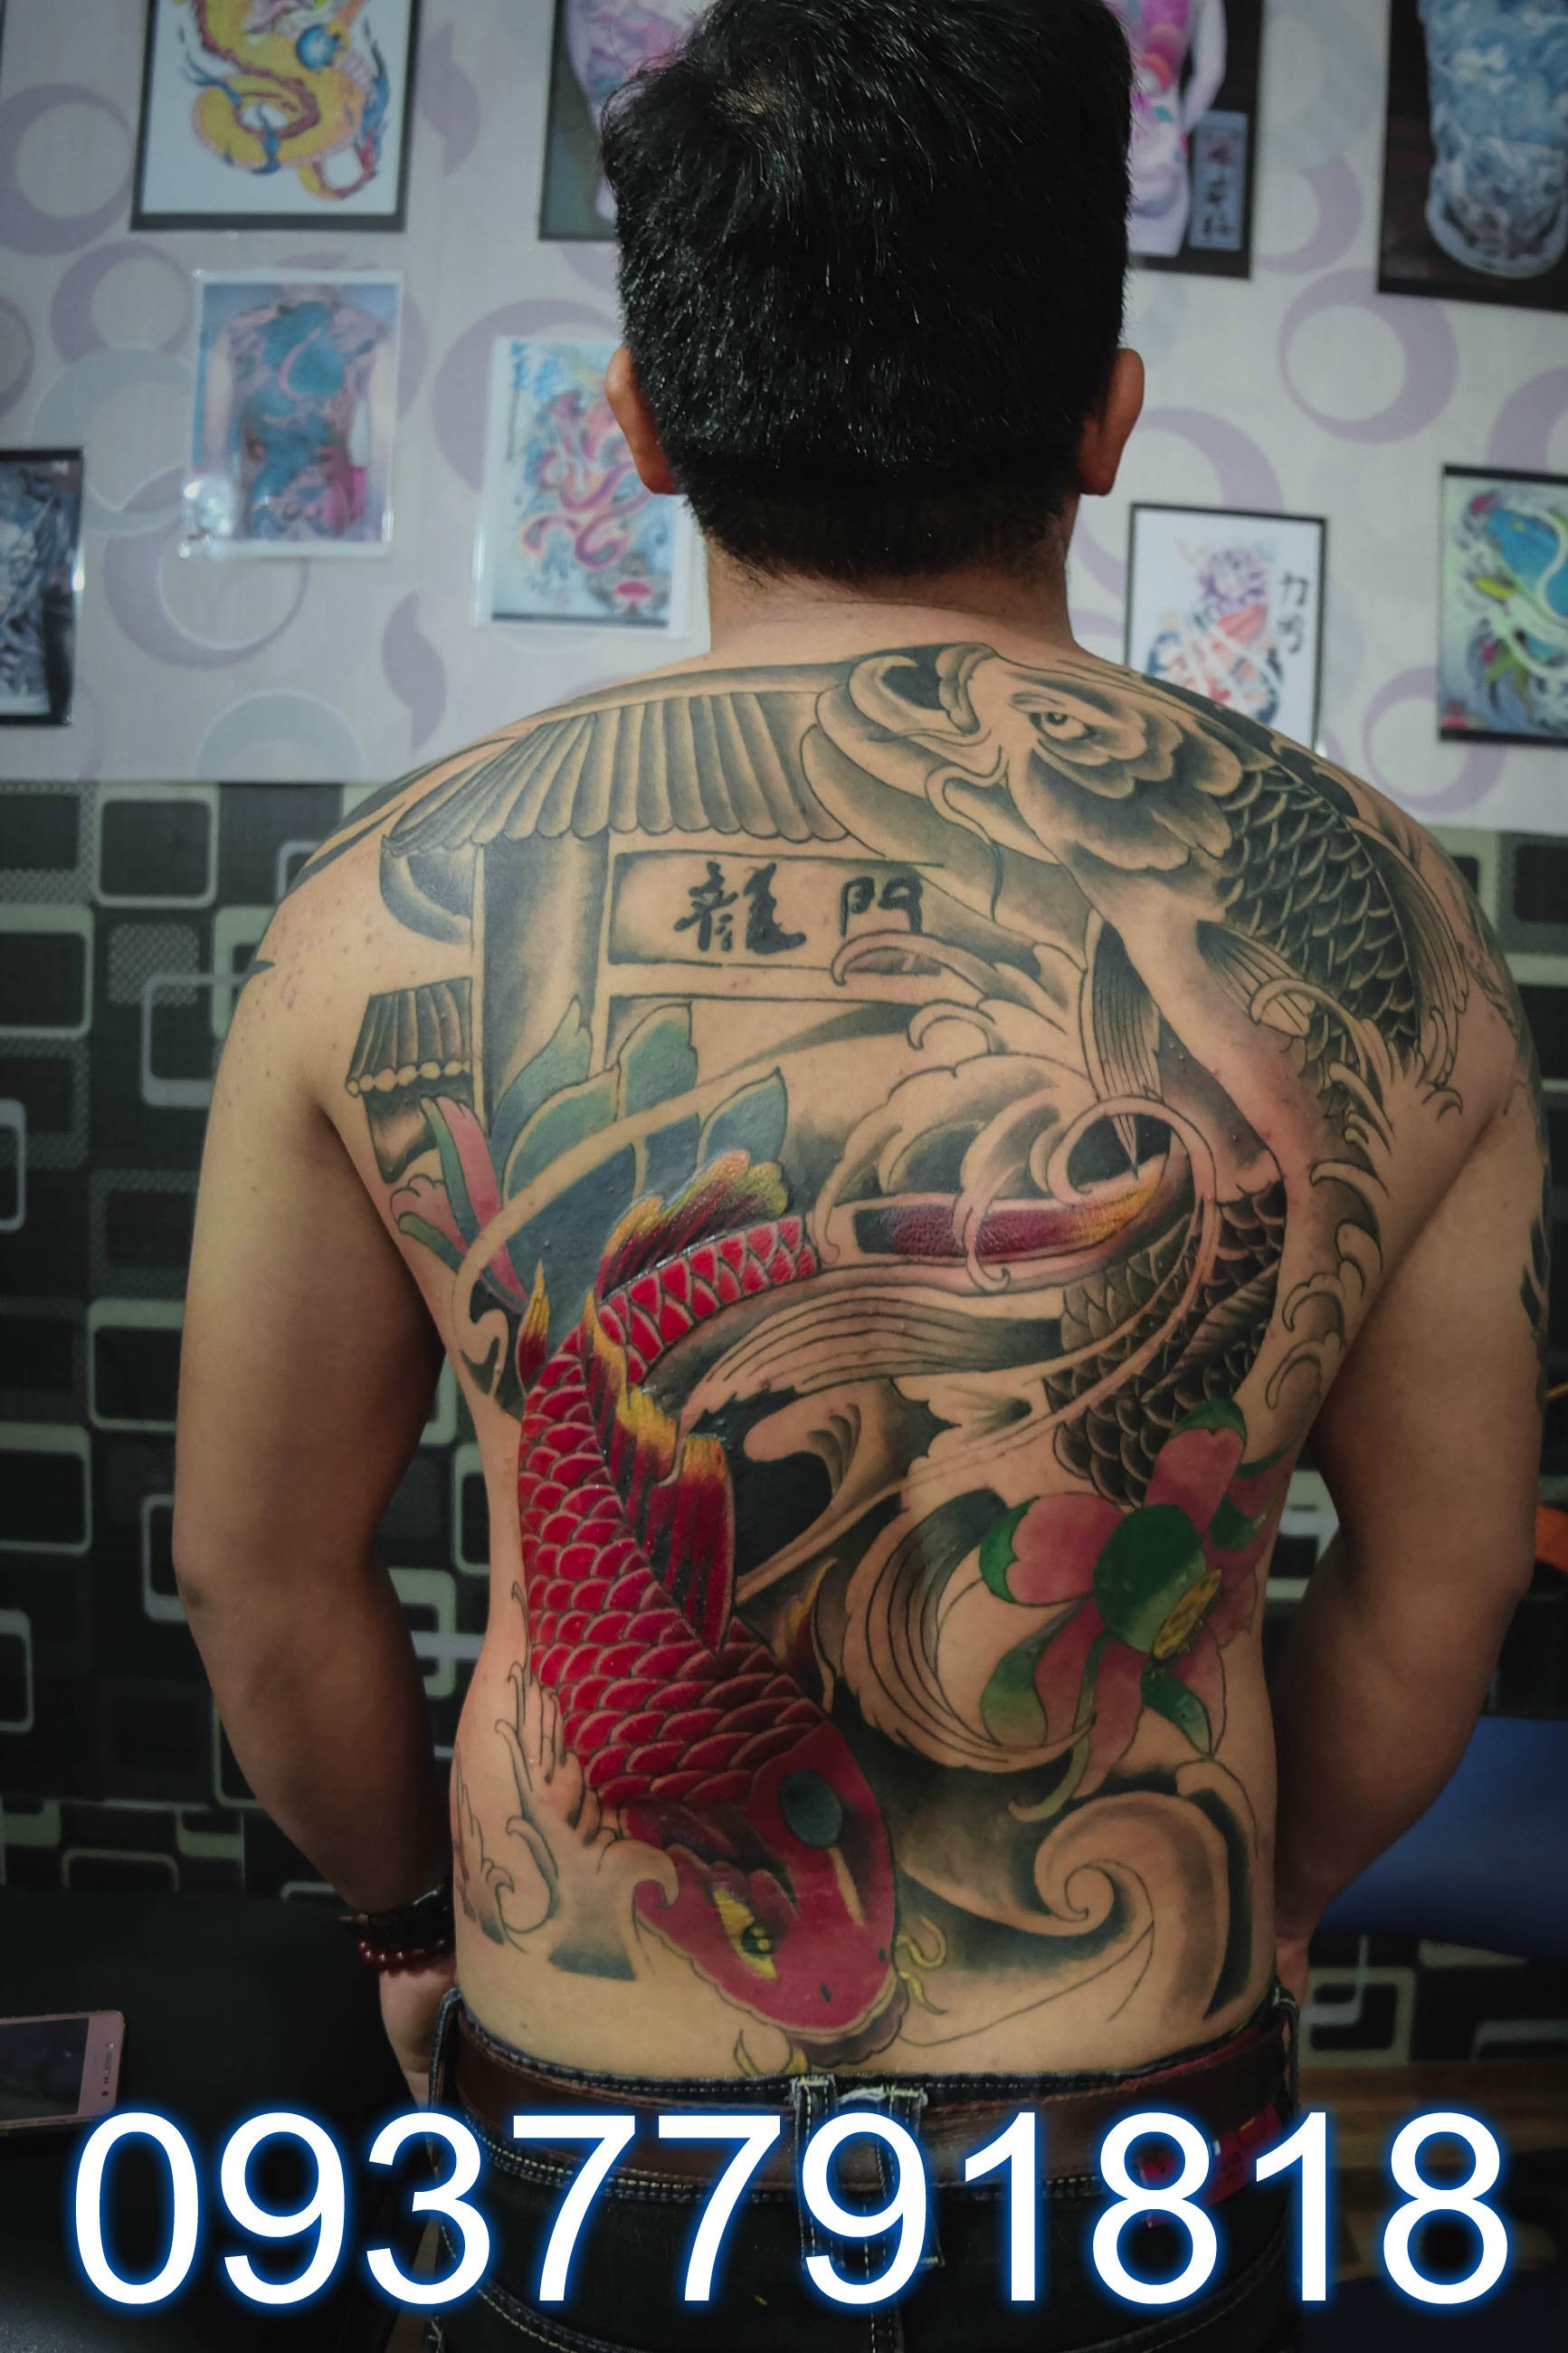 Thời trang nam: Nghệ Thuật Tattoo Giá Rẻ Quận 7 - Page 61 6ad8bea165acb4d844bac2e03b71aaab